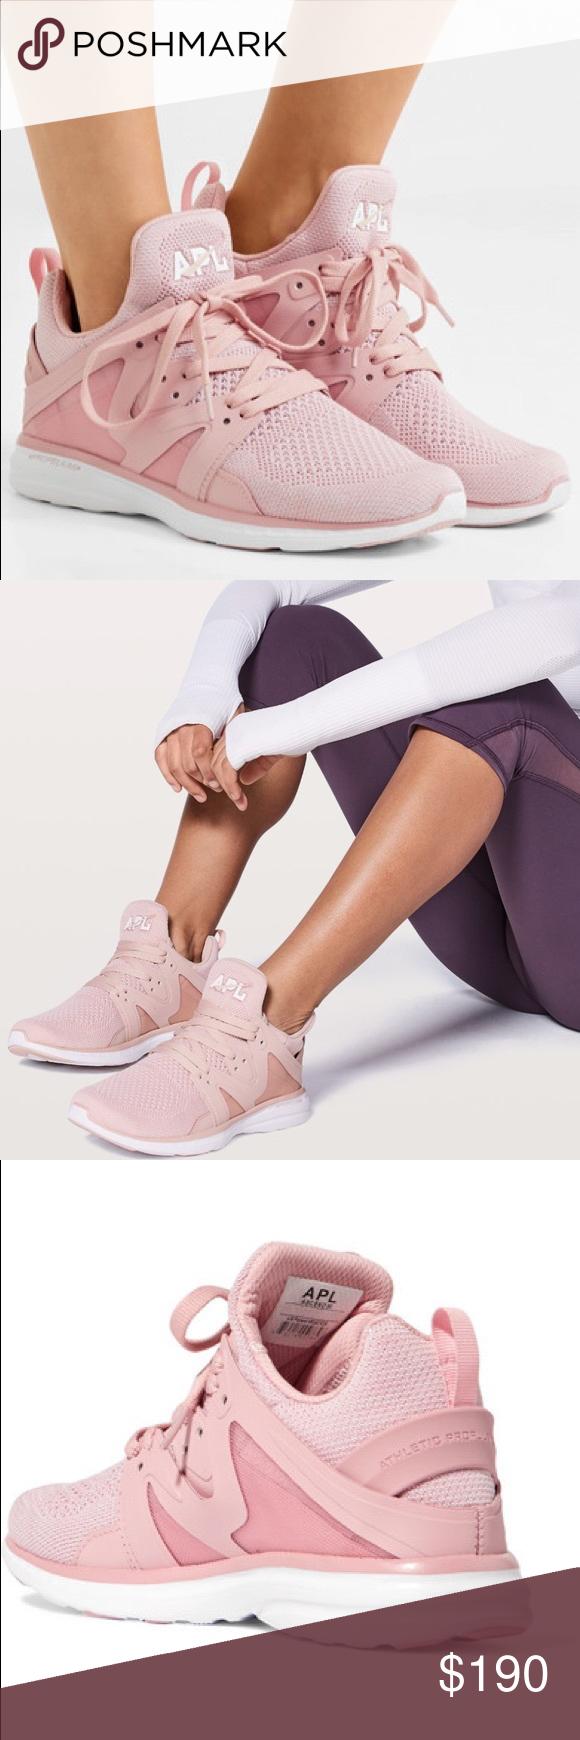 TechLoom Ascend Shoe | Apl shoes, Shoes